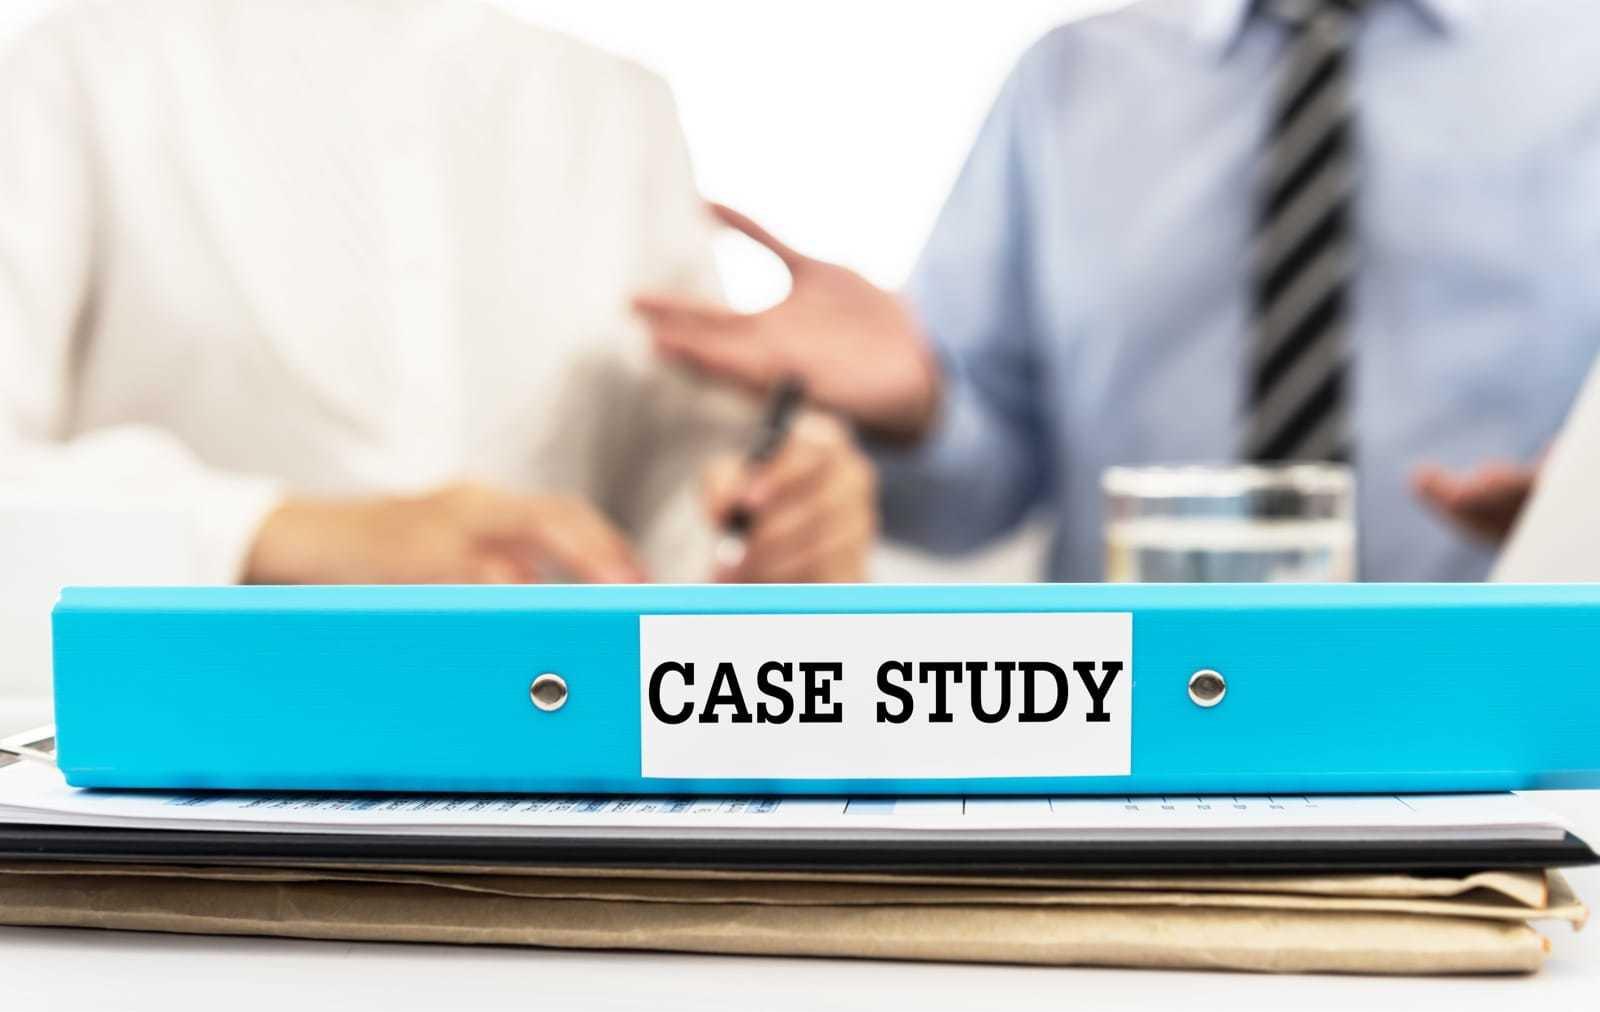 「case study」と書かれたファイルを前に話し合う男性と女性